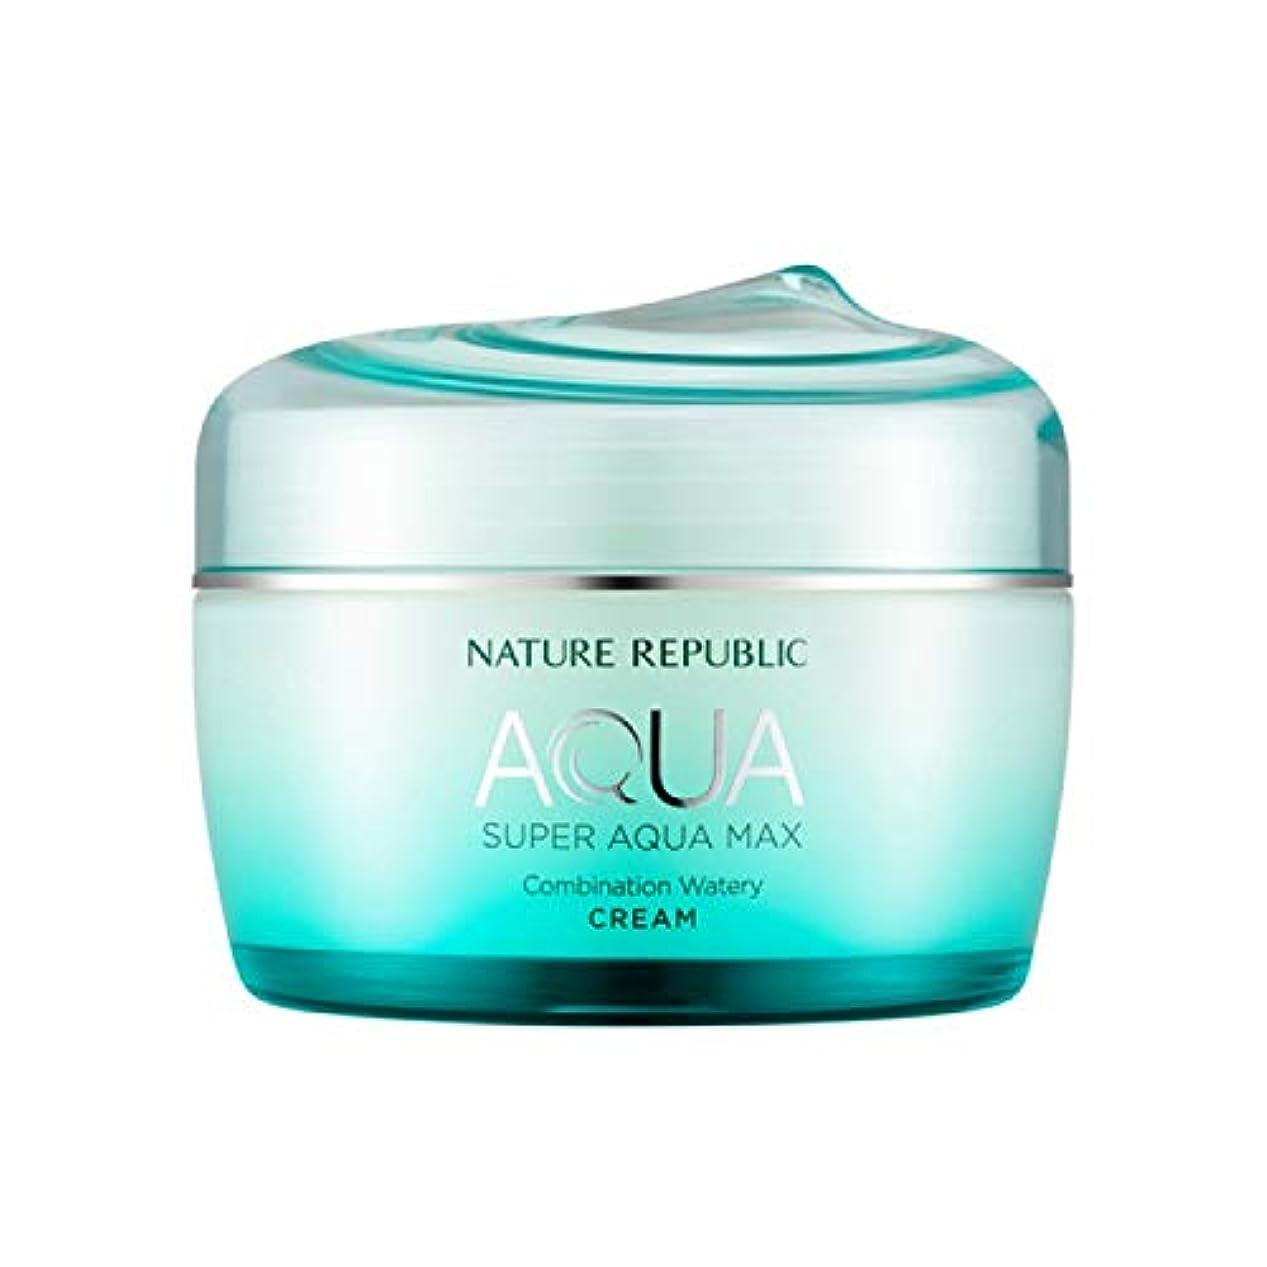 韓国確認するサージネイチャーリパブリック(Nature Republic)スーパーアクアマックスコンビネーション水分クリーム [複合肌用] 80ml / Super Aqua-Max Combination Moisture Cream...